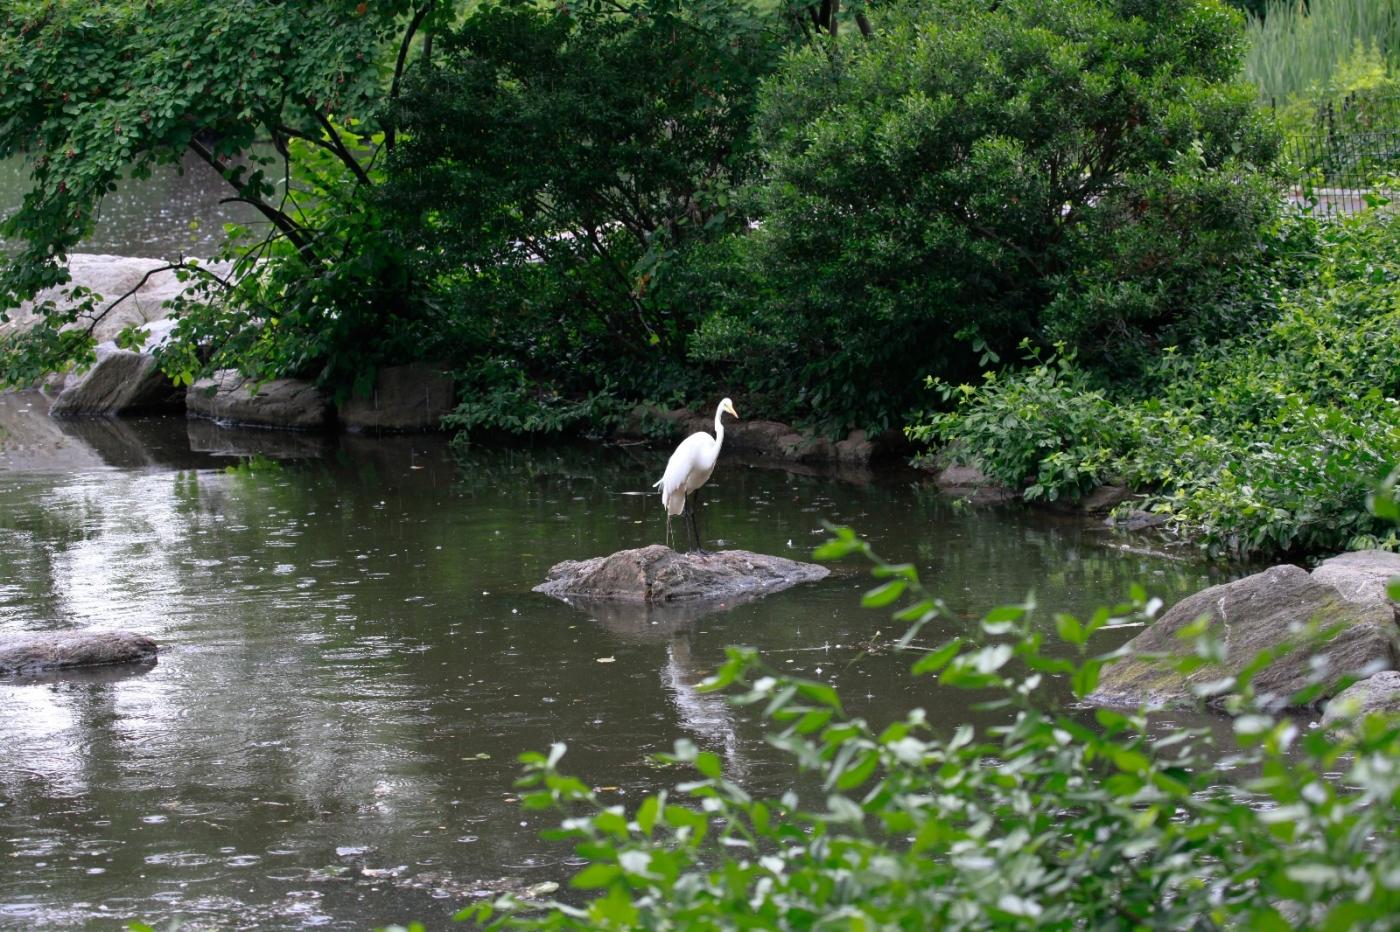 中央公园的白鹭,姿态优美,游客喜爱_图1-6